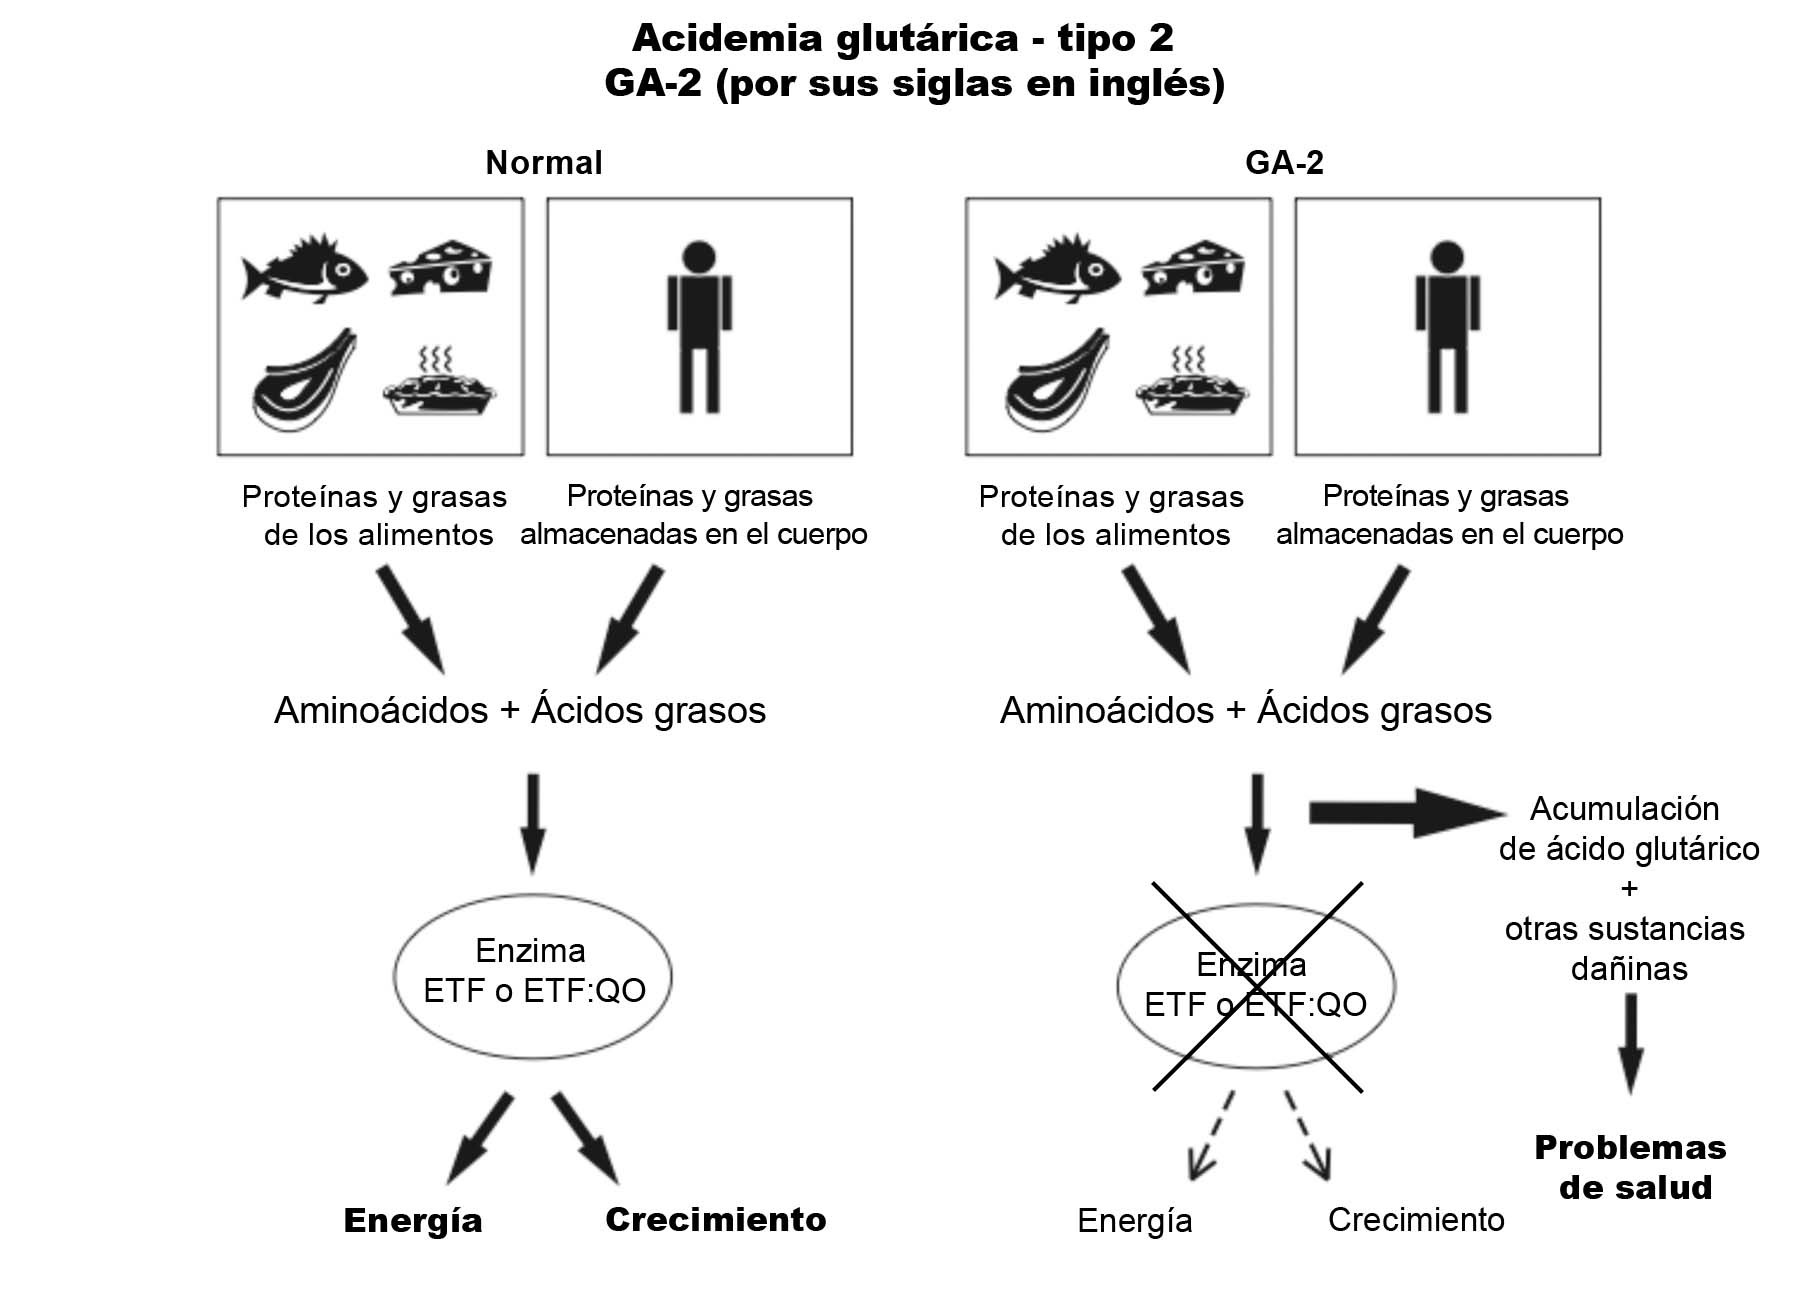 GA2 Diagram